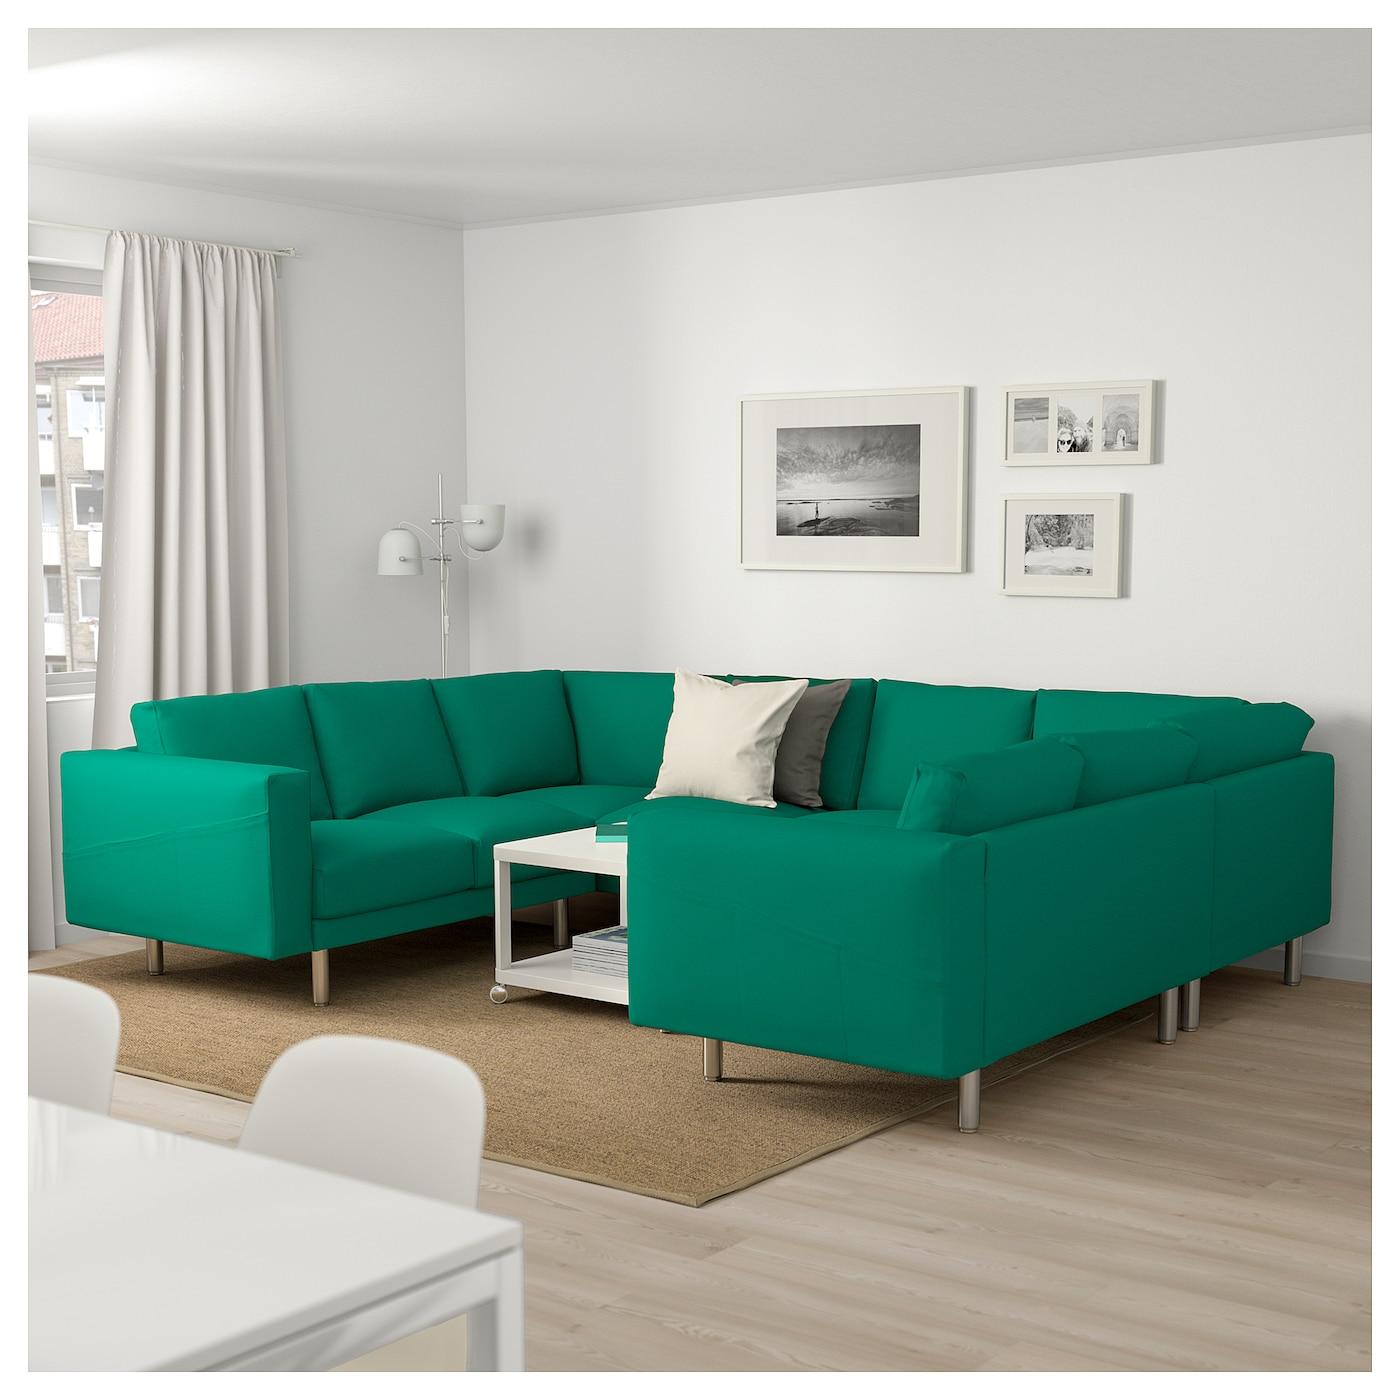 IKEA NORSBORG U-shaped Sofa, 6 Seat